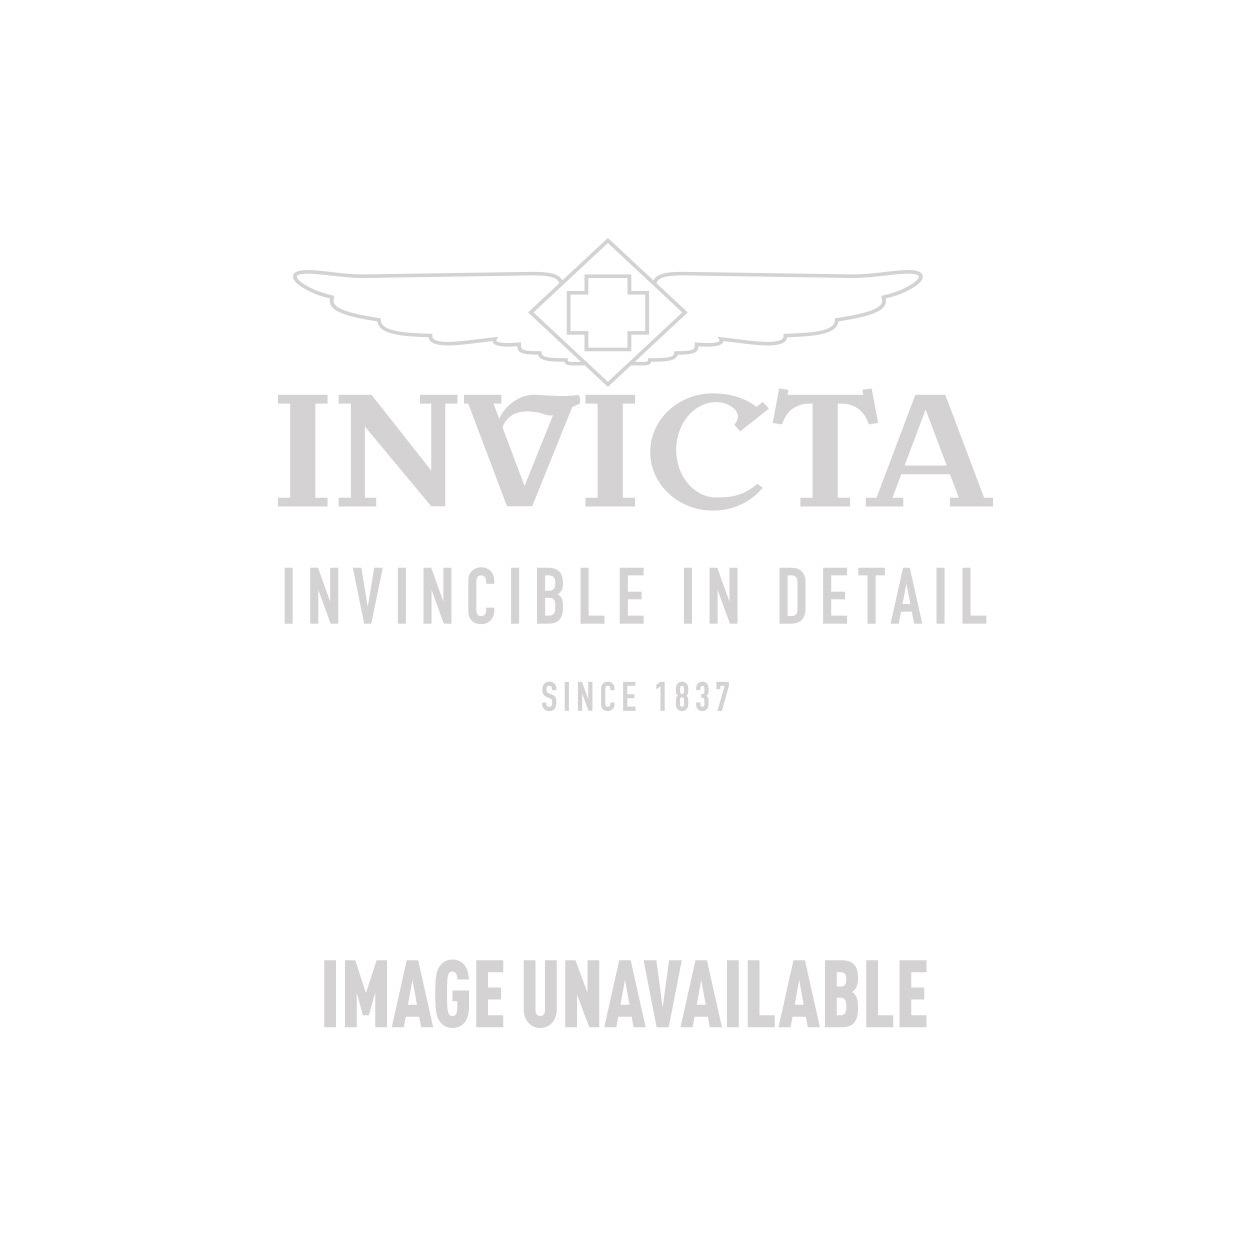 Invicta Model  SC0398